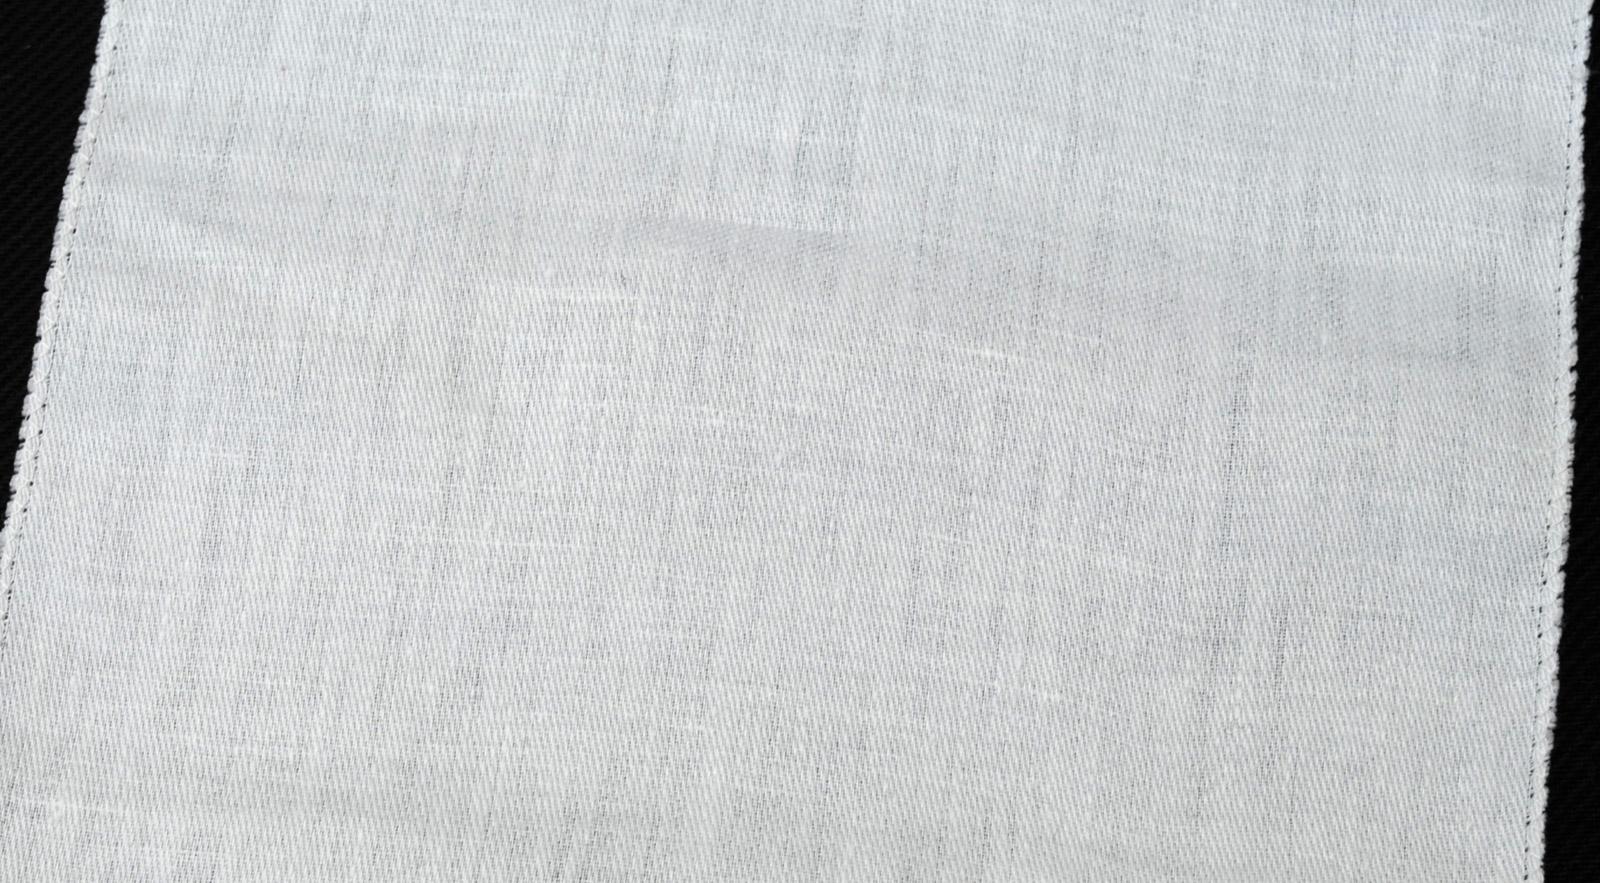 Lin-401 col. 01 300 cm 100 % Leinen - Lin-401 col. 01 300 cm 100 % linen